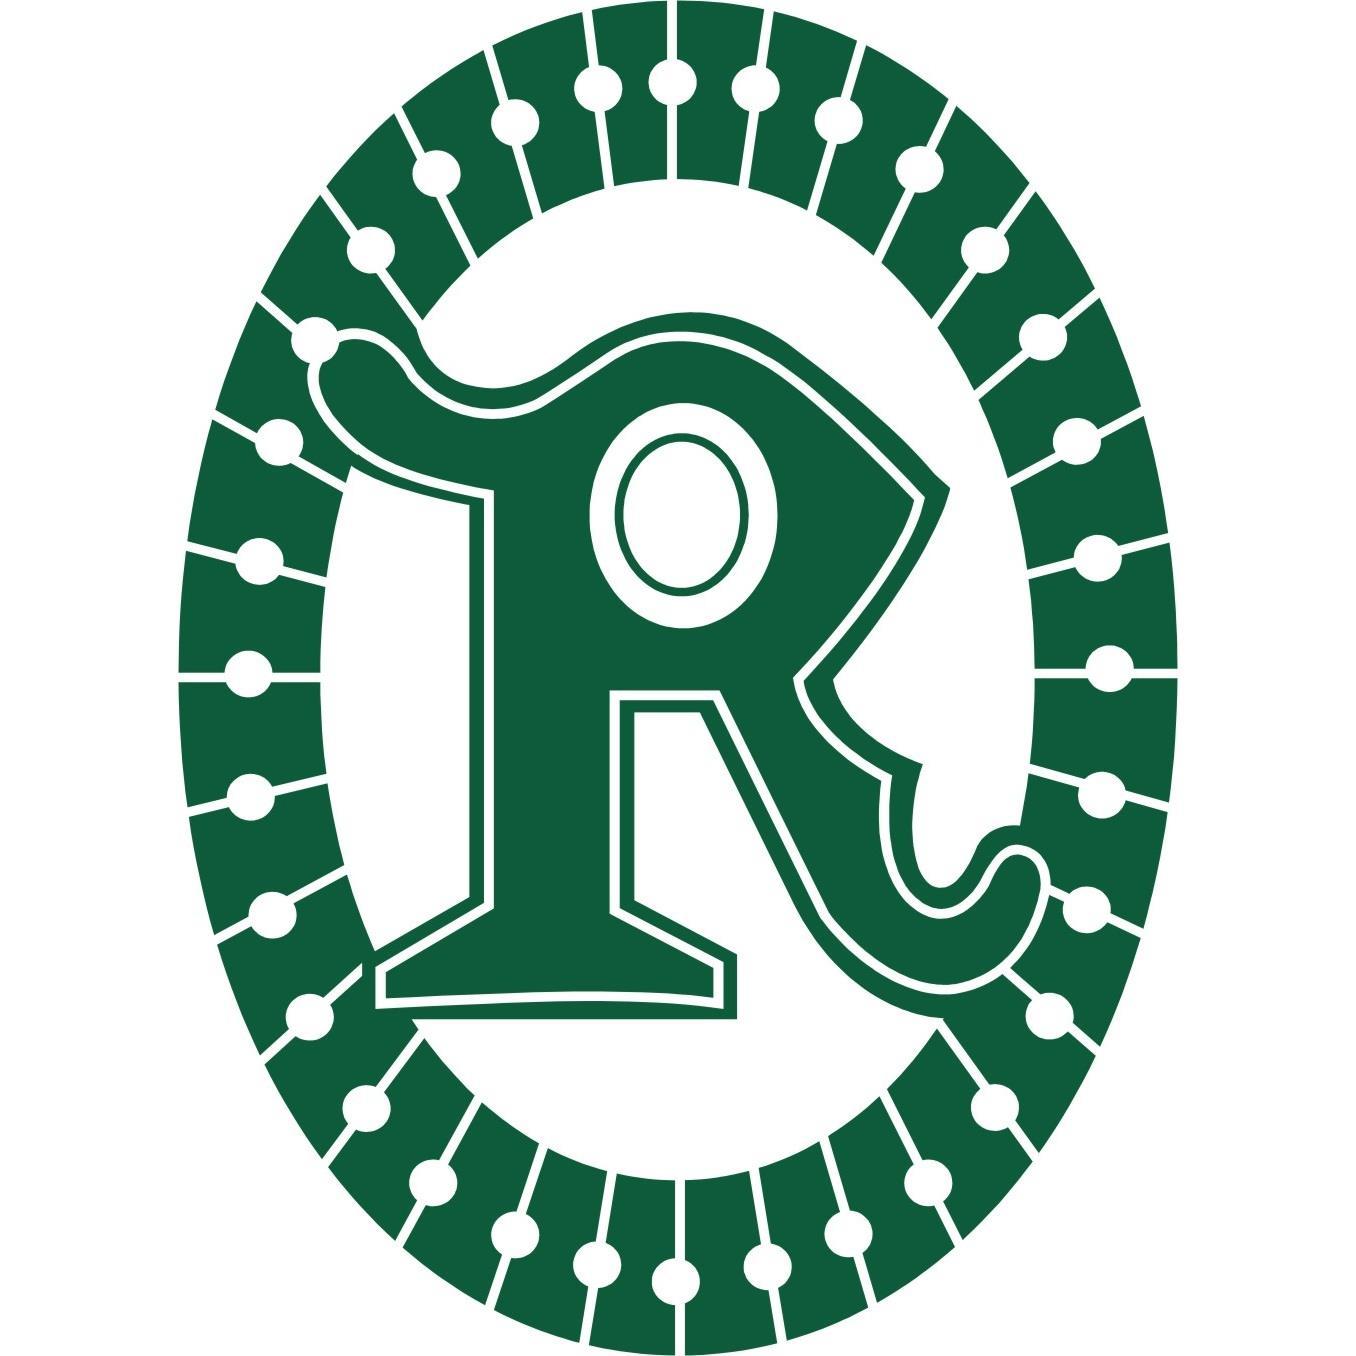 RIC: Thông báo quyết định của Cục thuế Quảng Ninh về việc xử lý vi phạm pháp luật về thuế